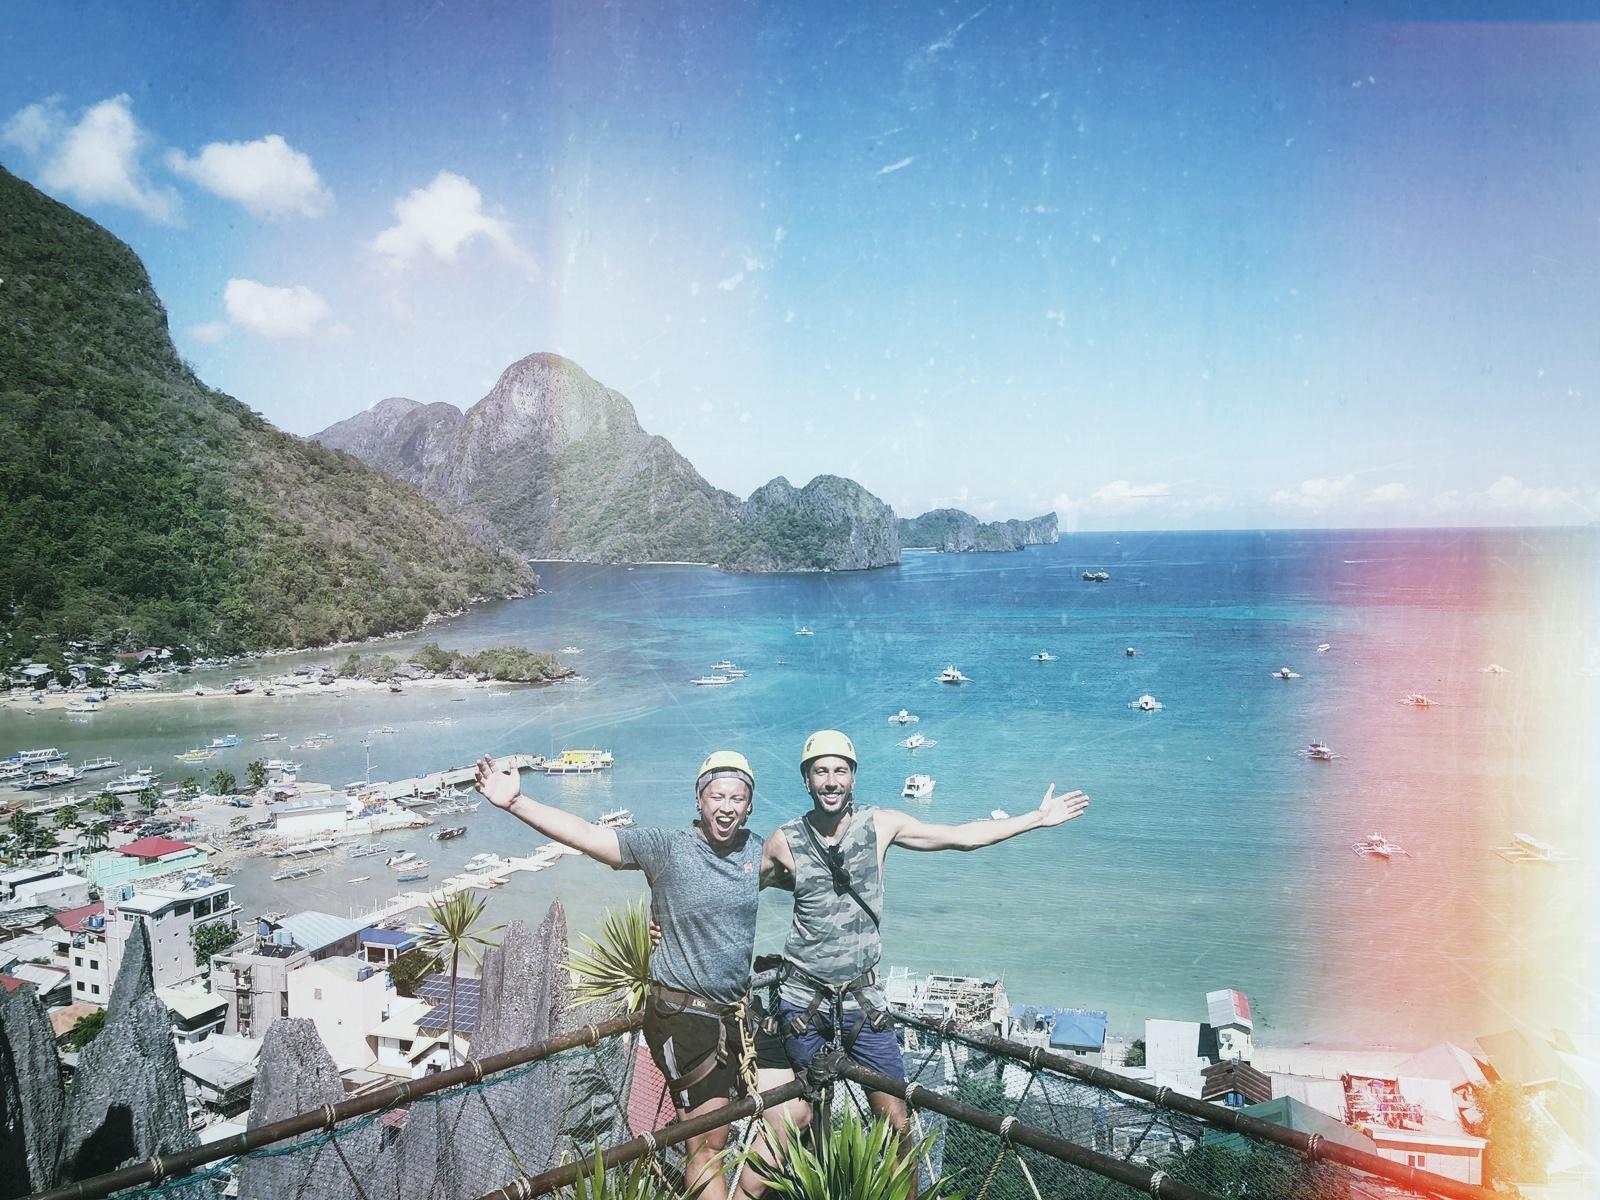 Breathtaking panorma of El Nido, Philippines